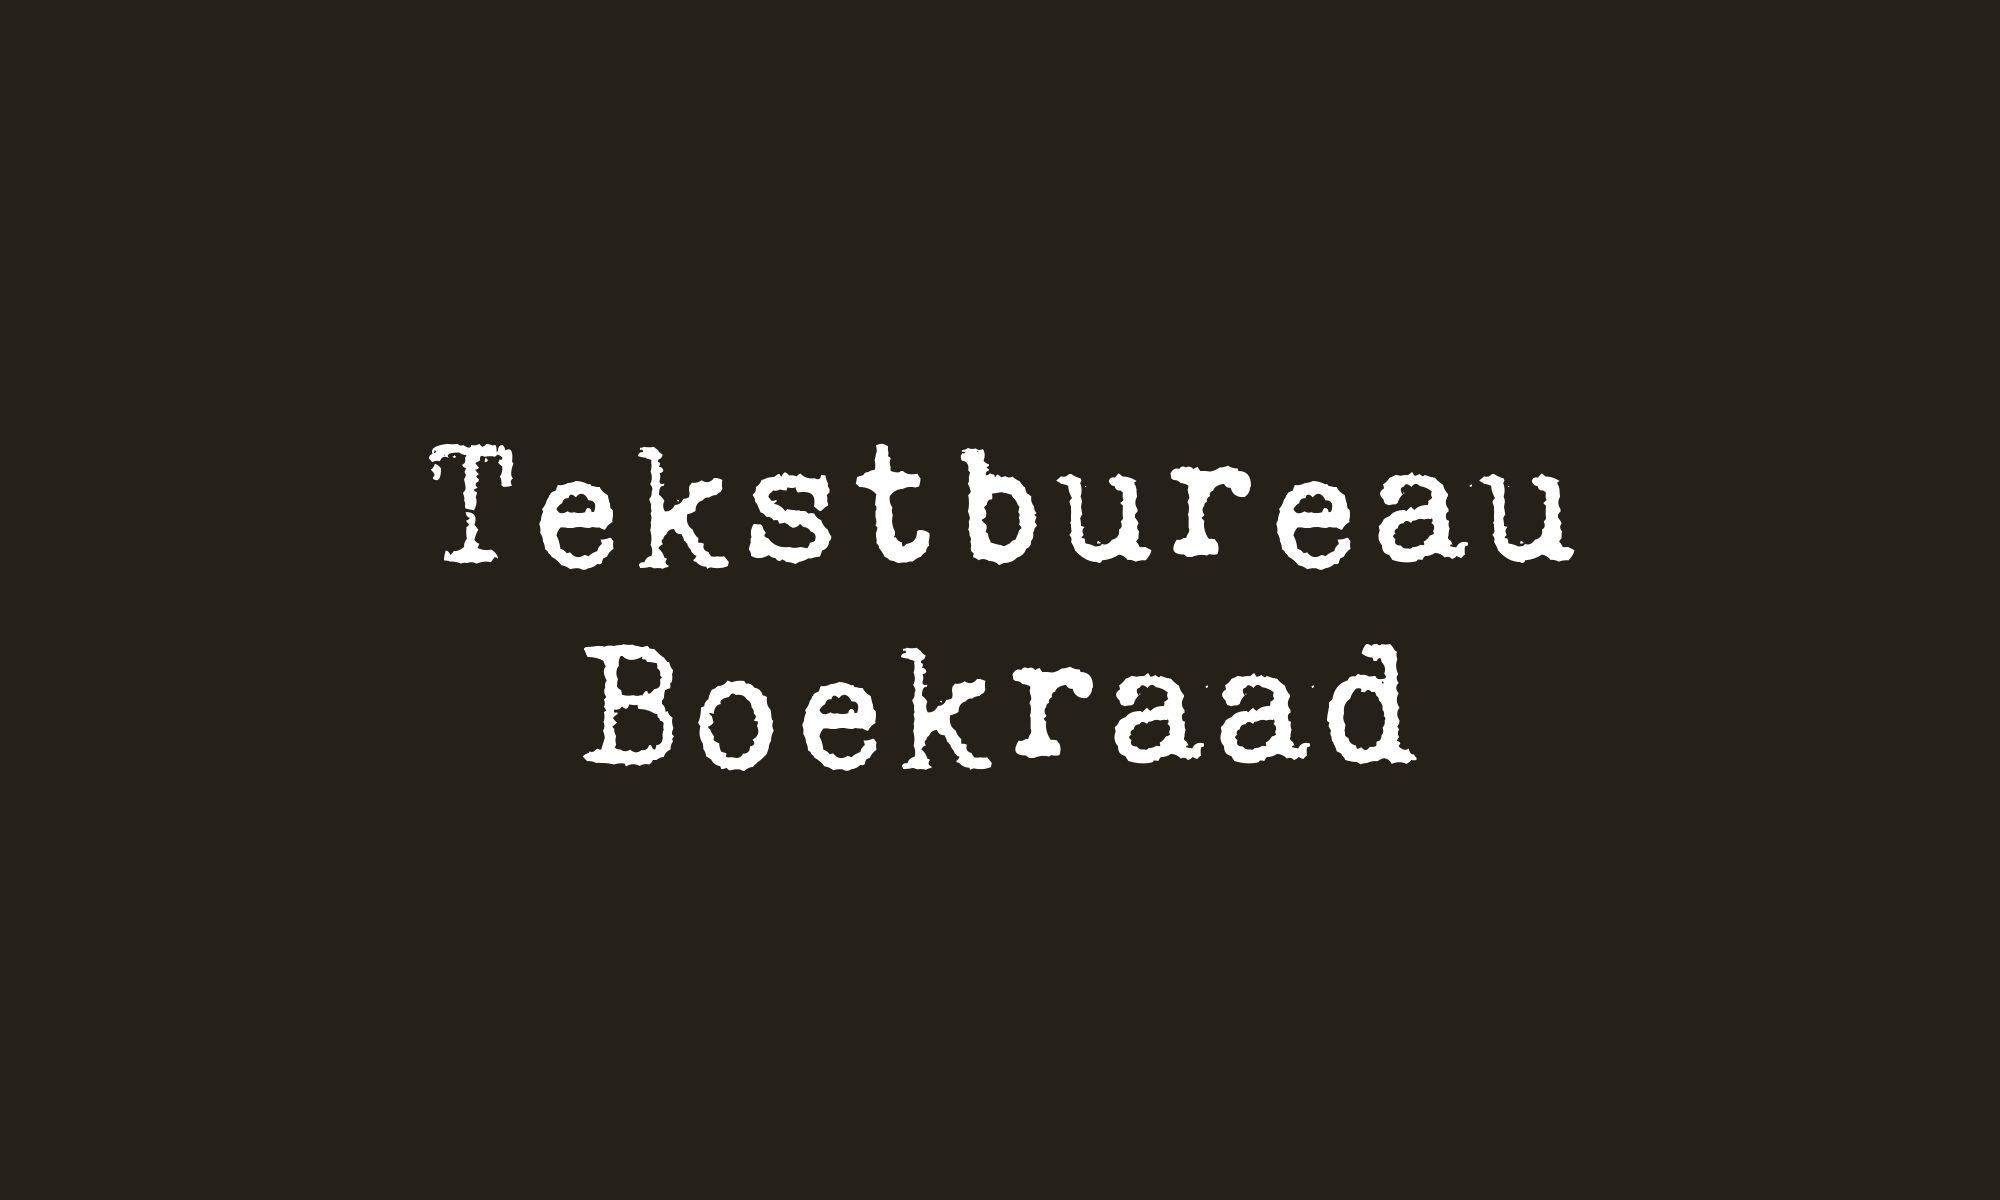 Tekstbureau Boekraad